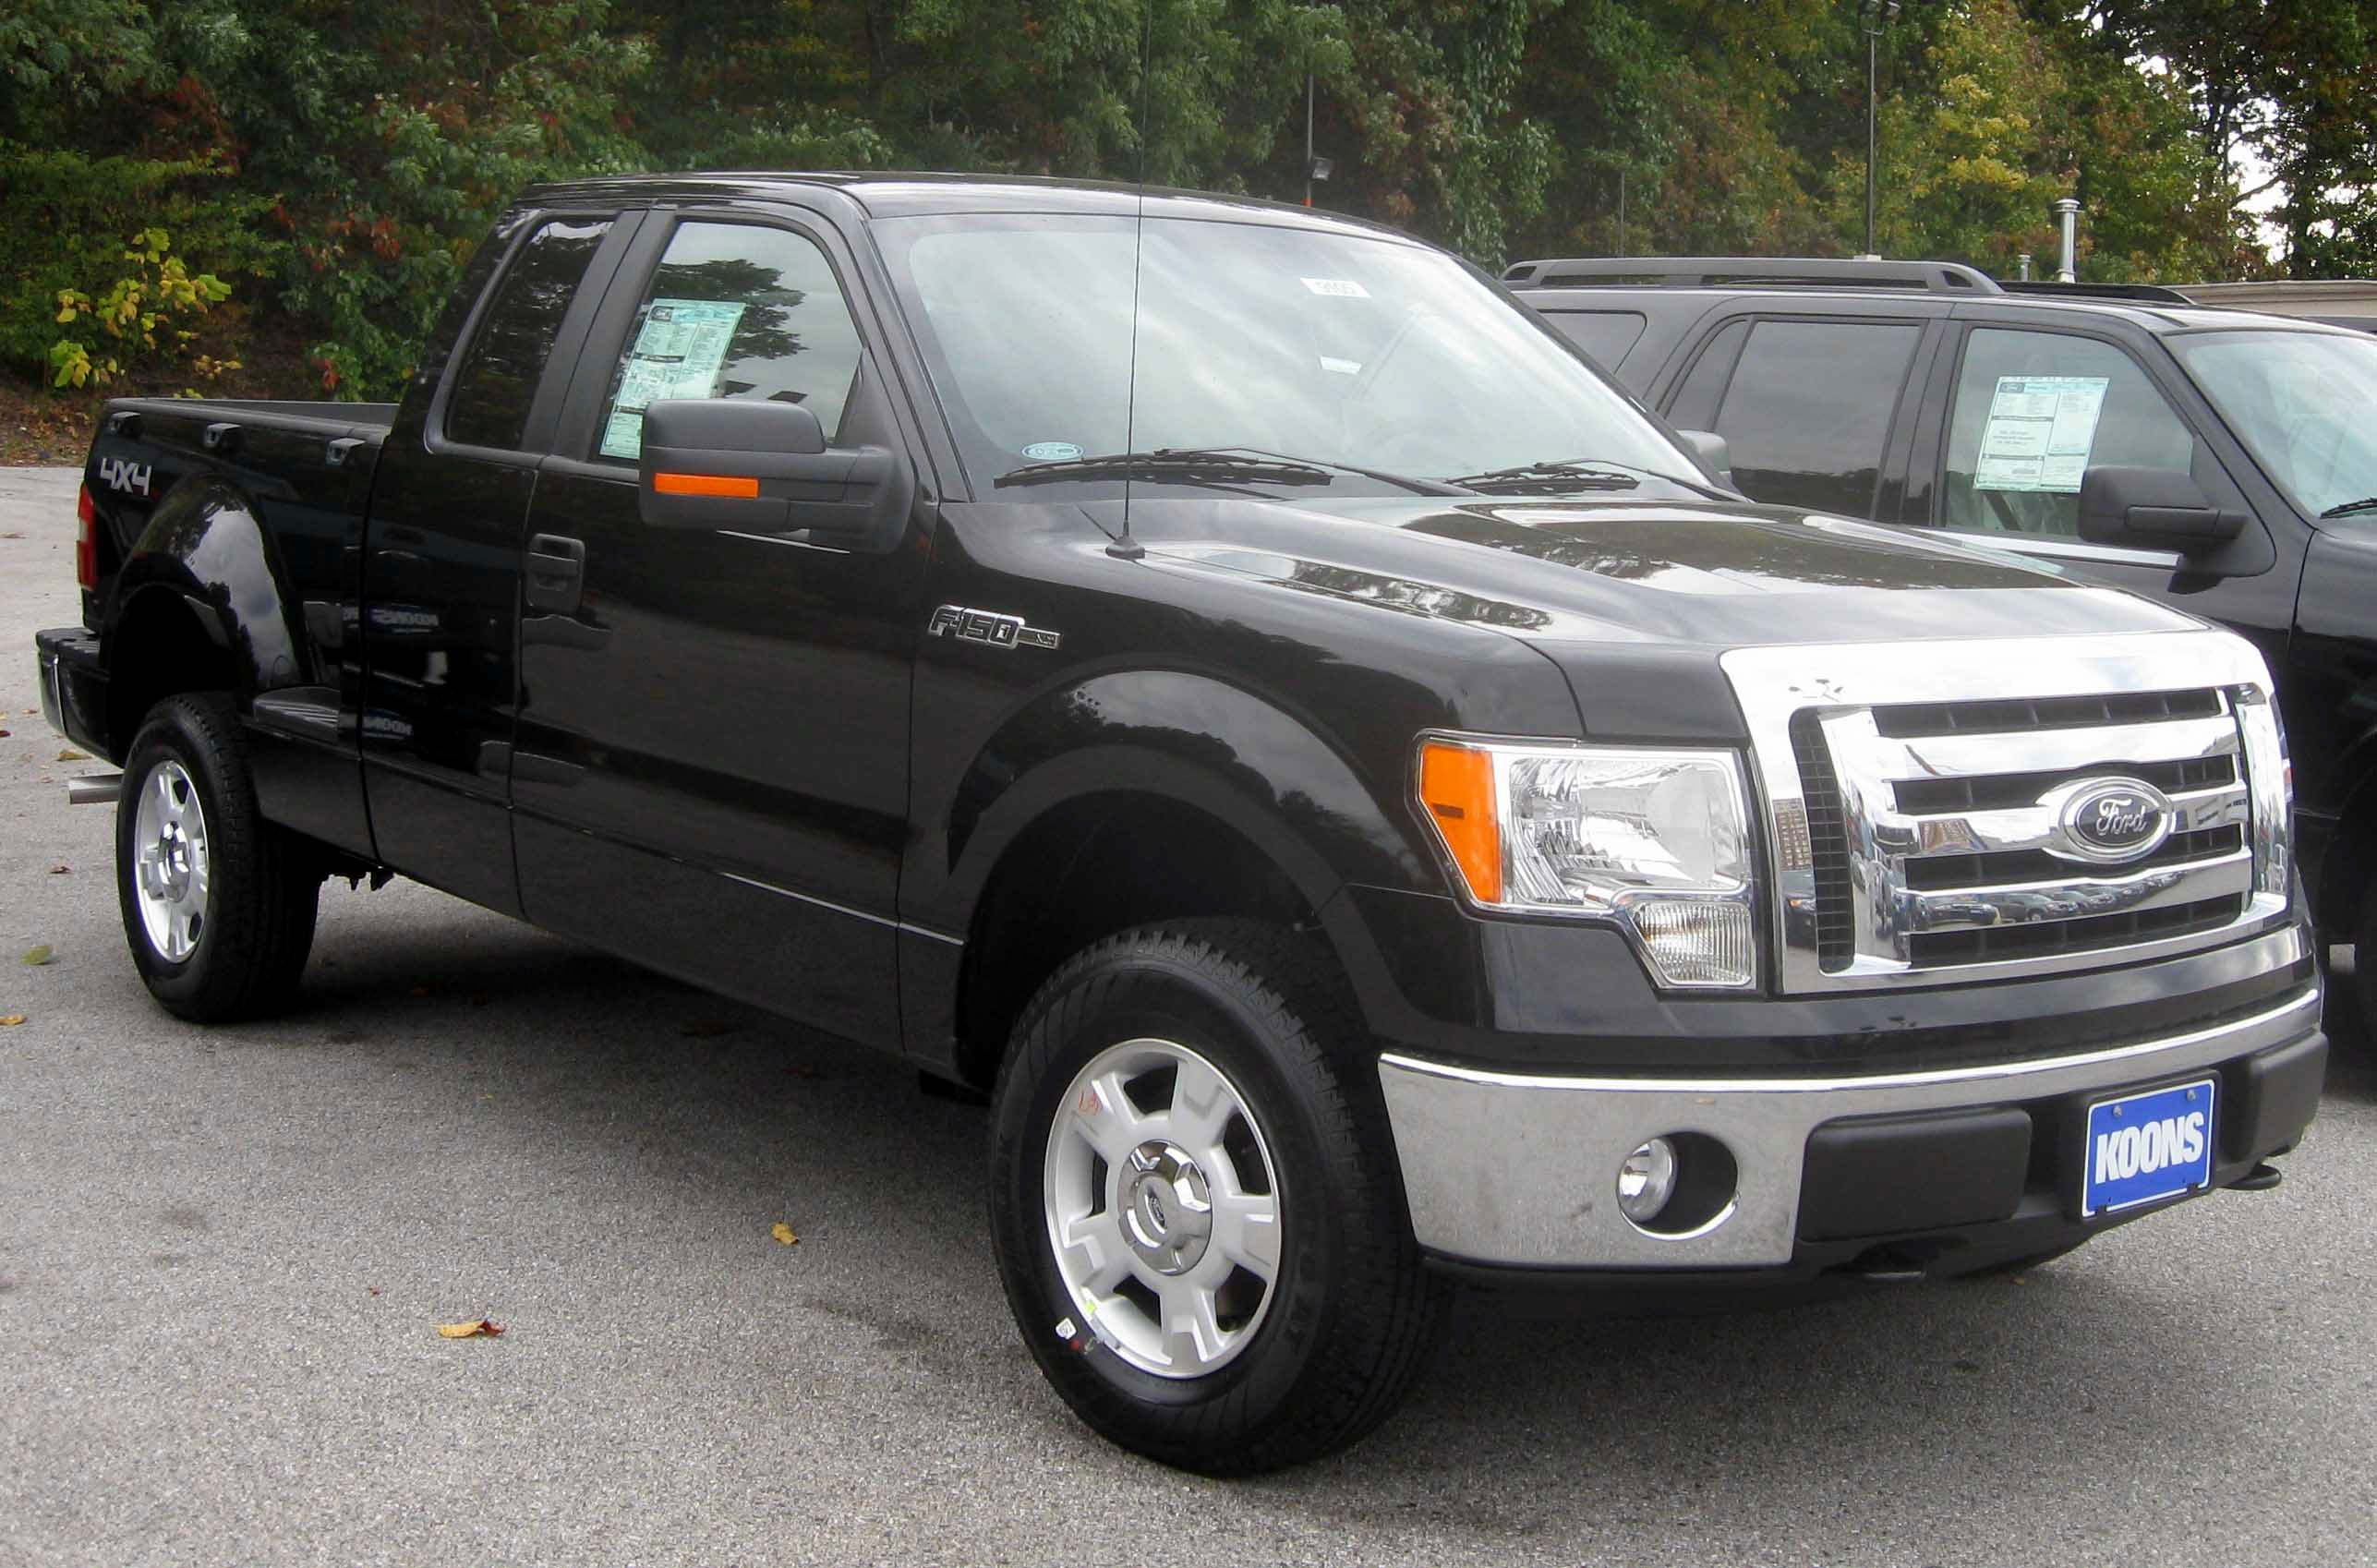 Ford Enlivening Ranger To Encash The Truck Boom -Car11